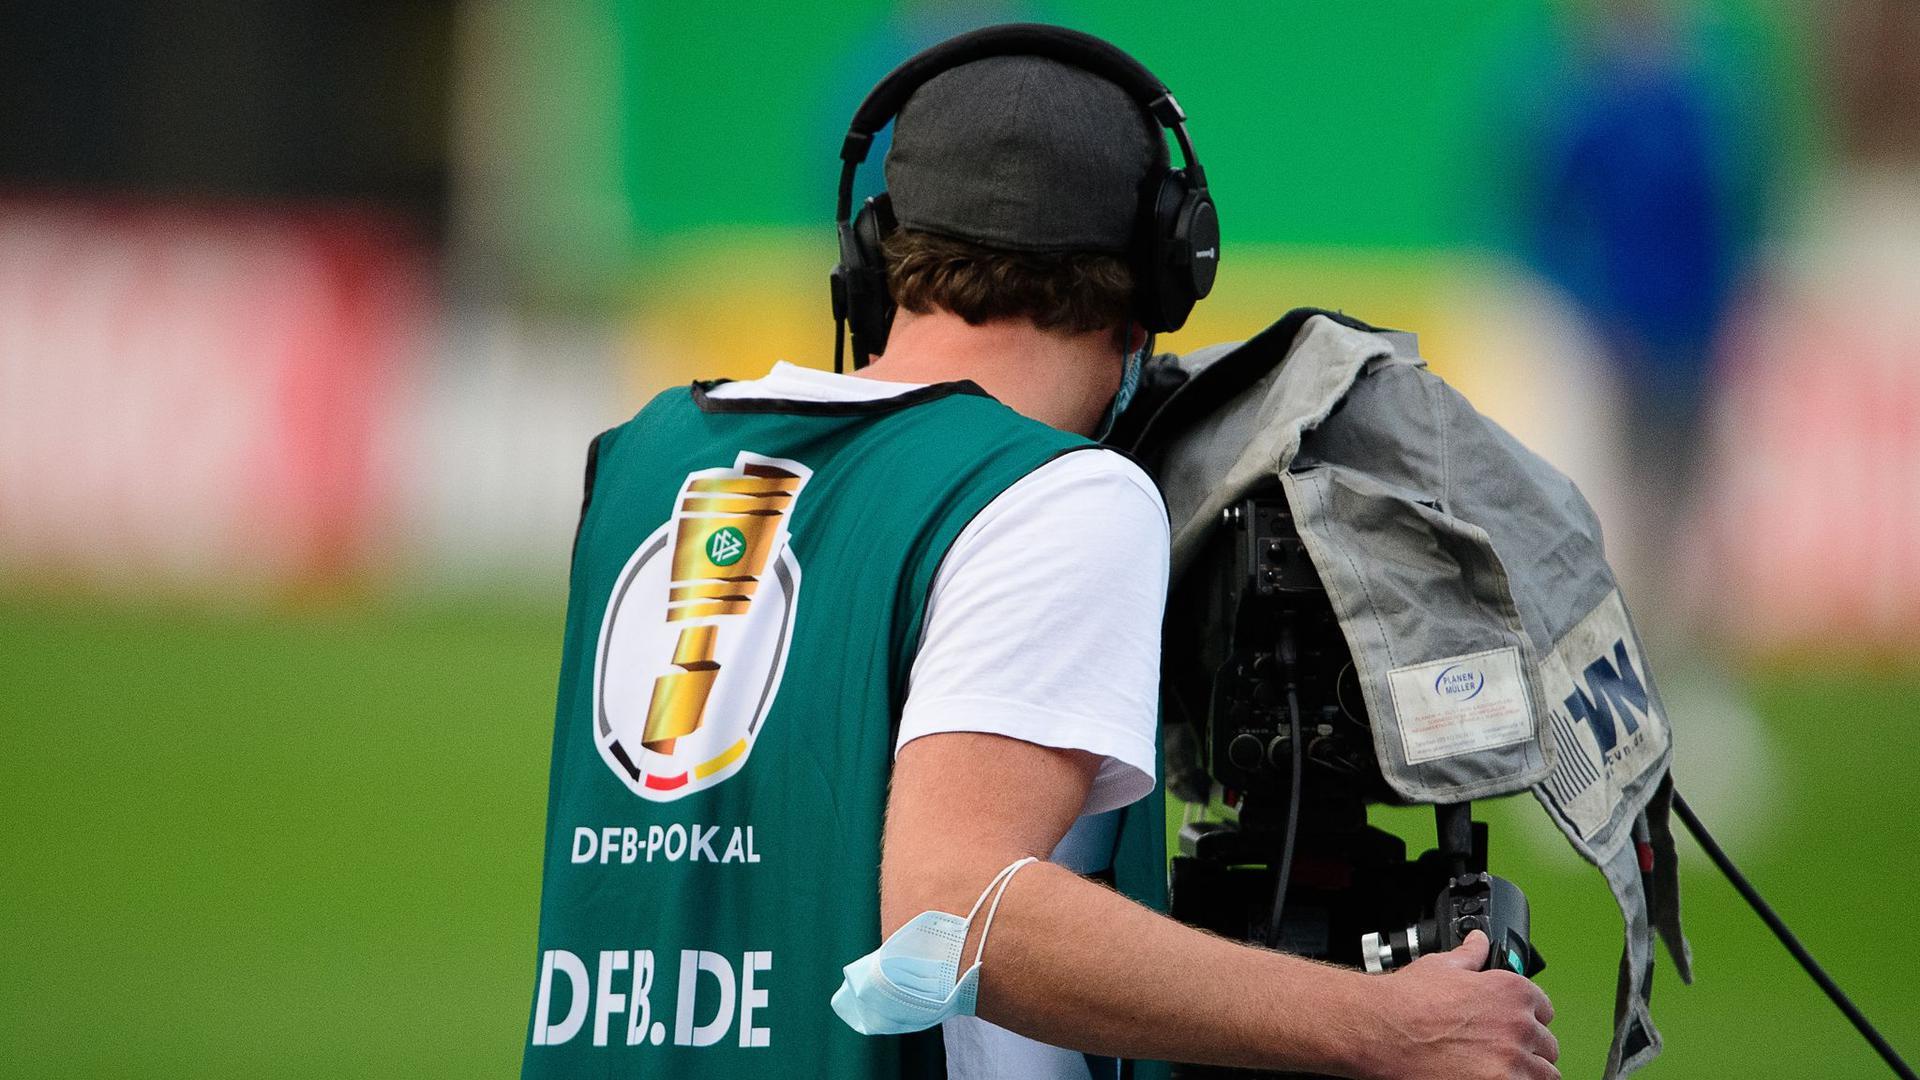 Ein Kameramann während eines Erstrundenspiels im DFB-Pokal.